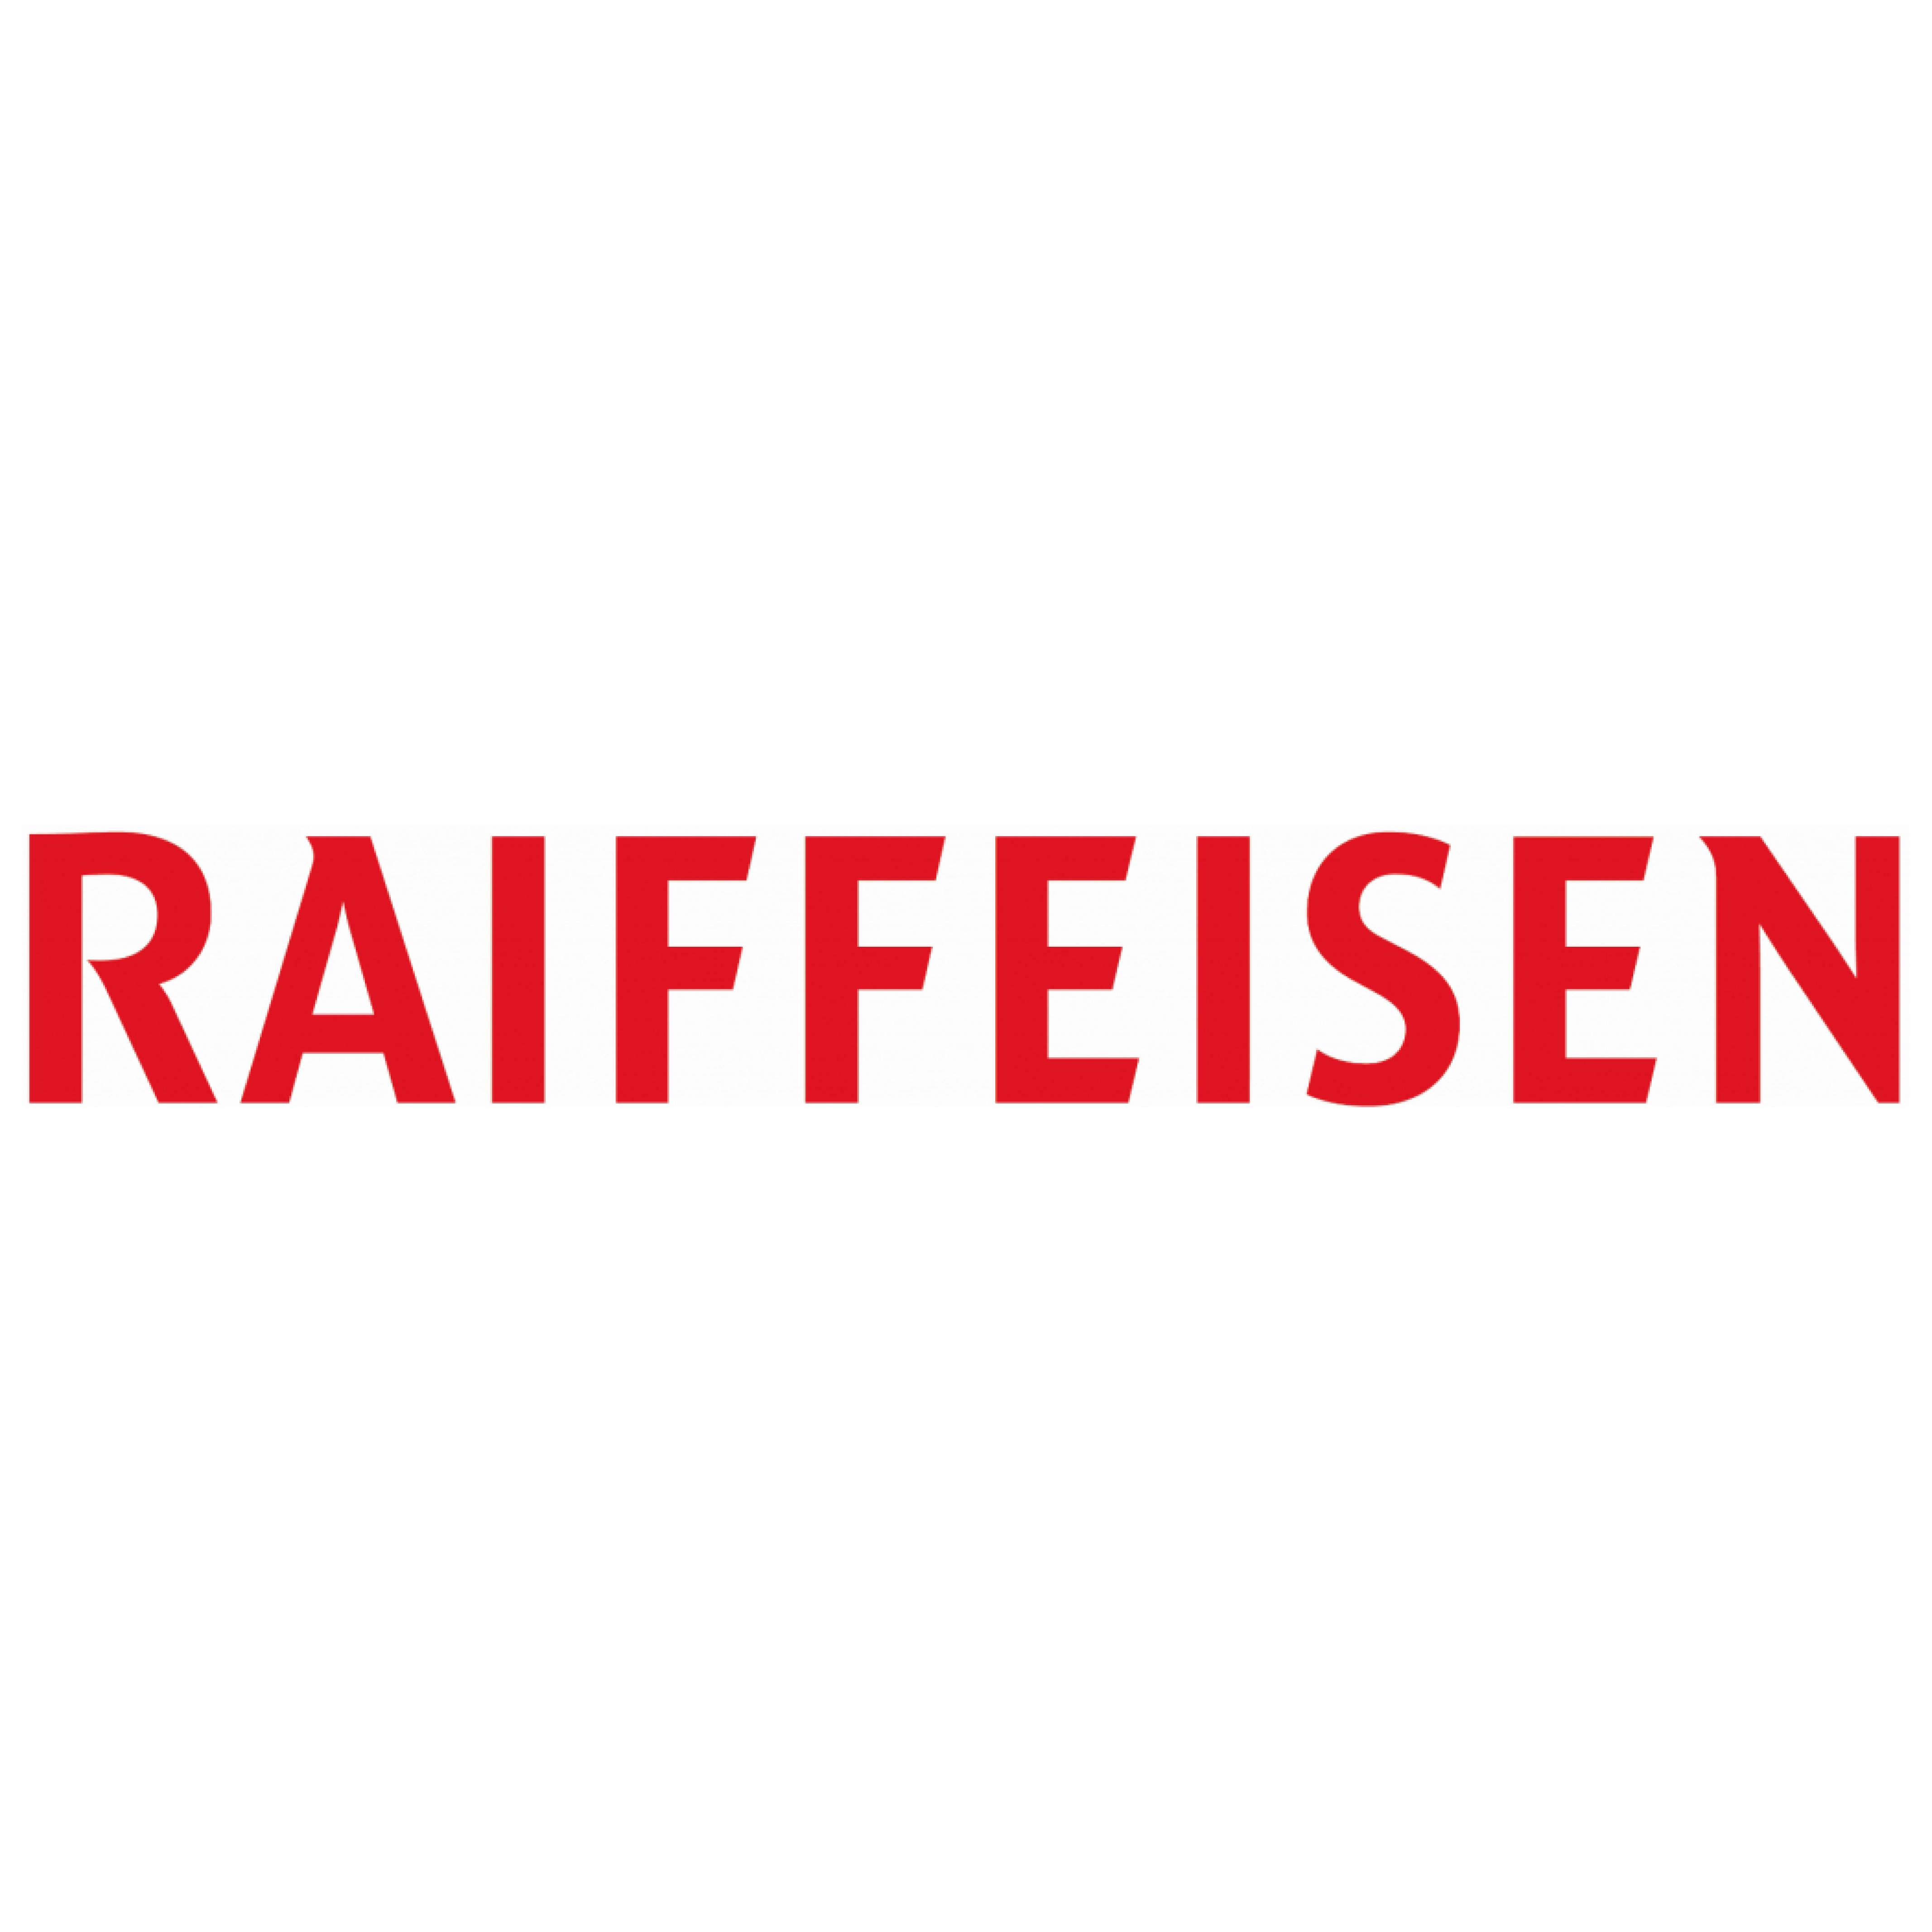 logo_raiffeisen_divinum-01